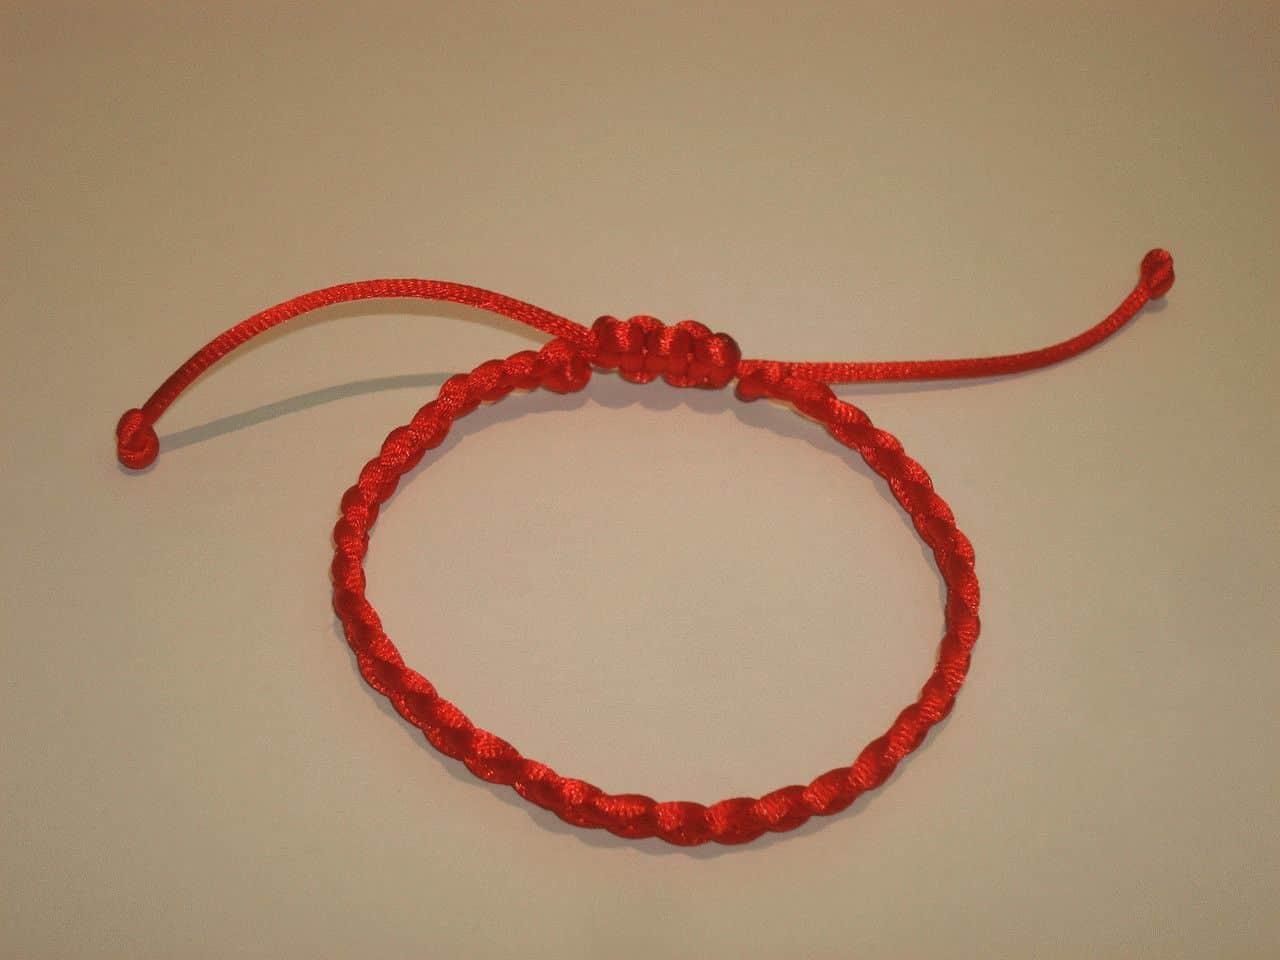 Оберег для новорожденных своими руками крючком красными нитками 6